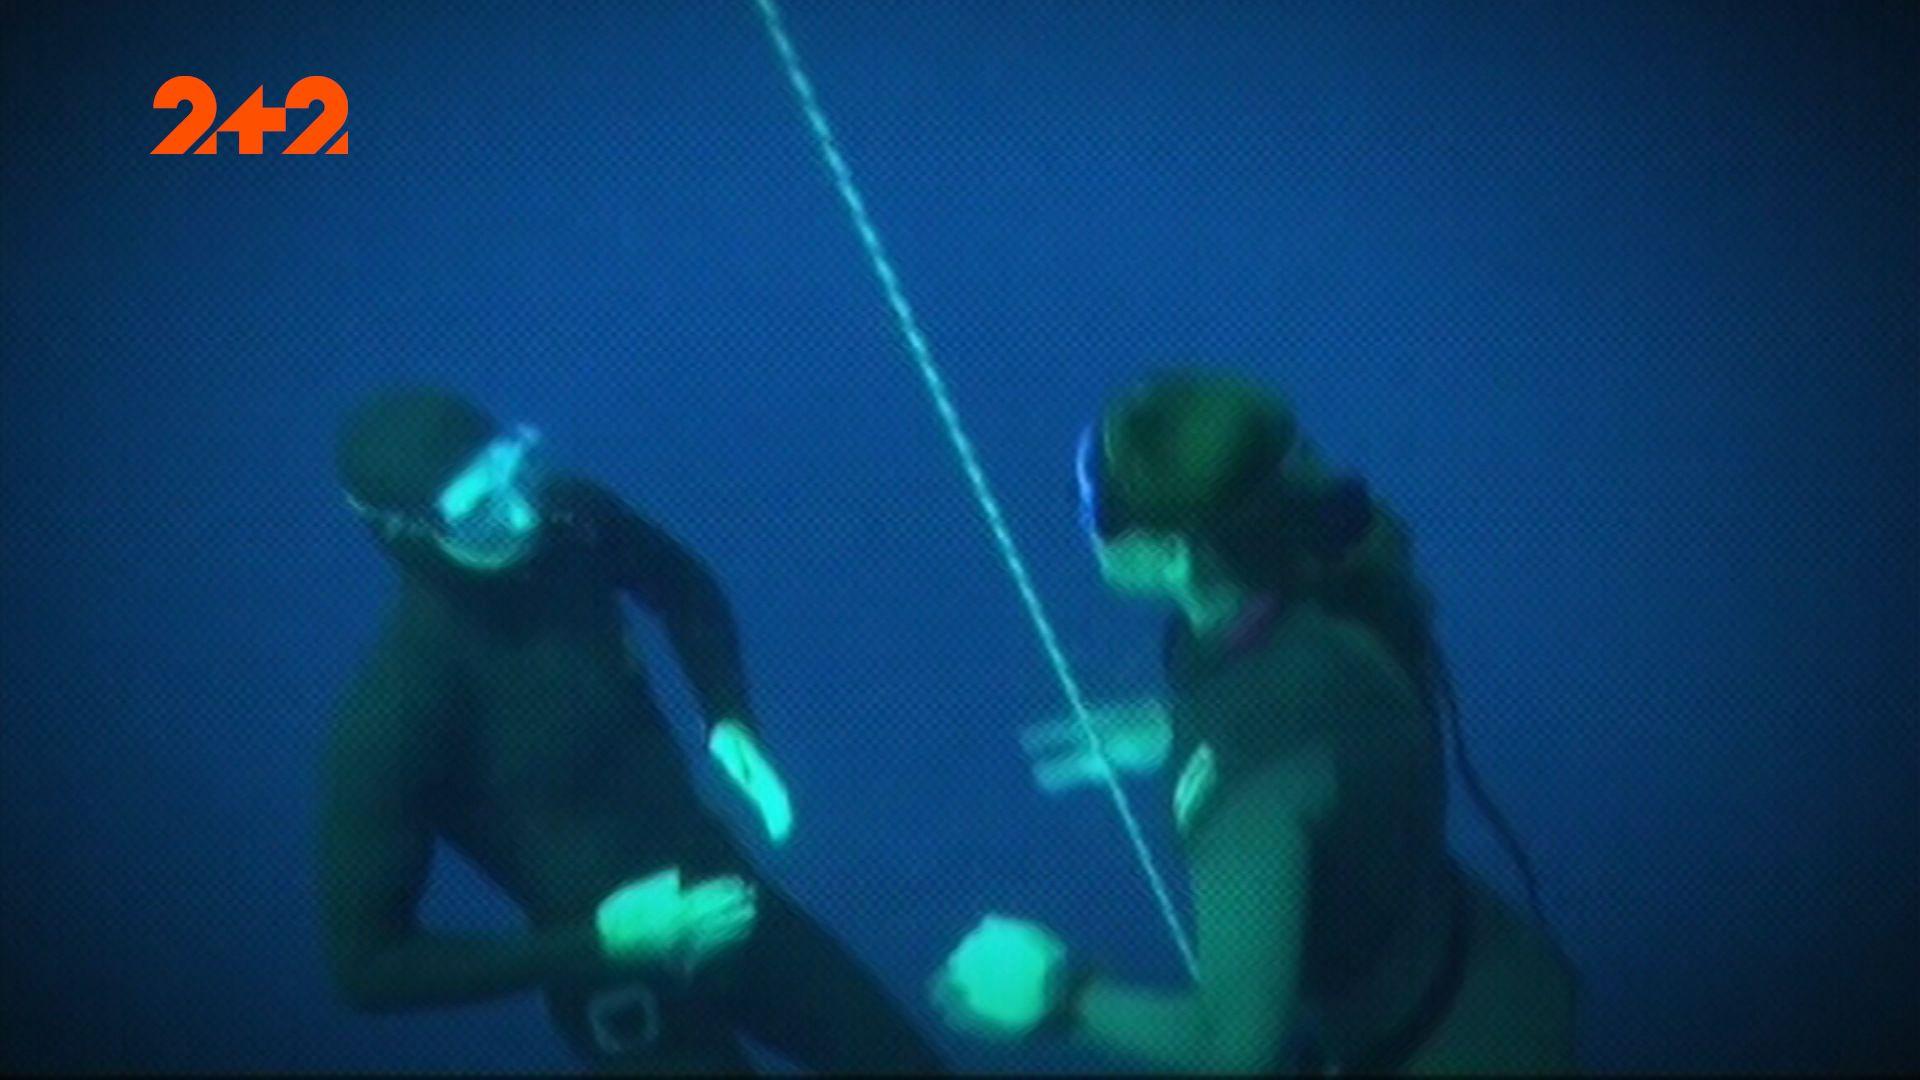 Предком человека было морское млекопитающее – теория «Homo aquaticus»